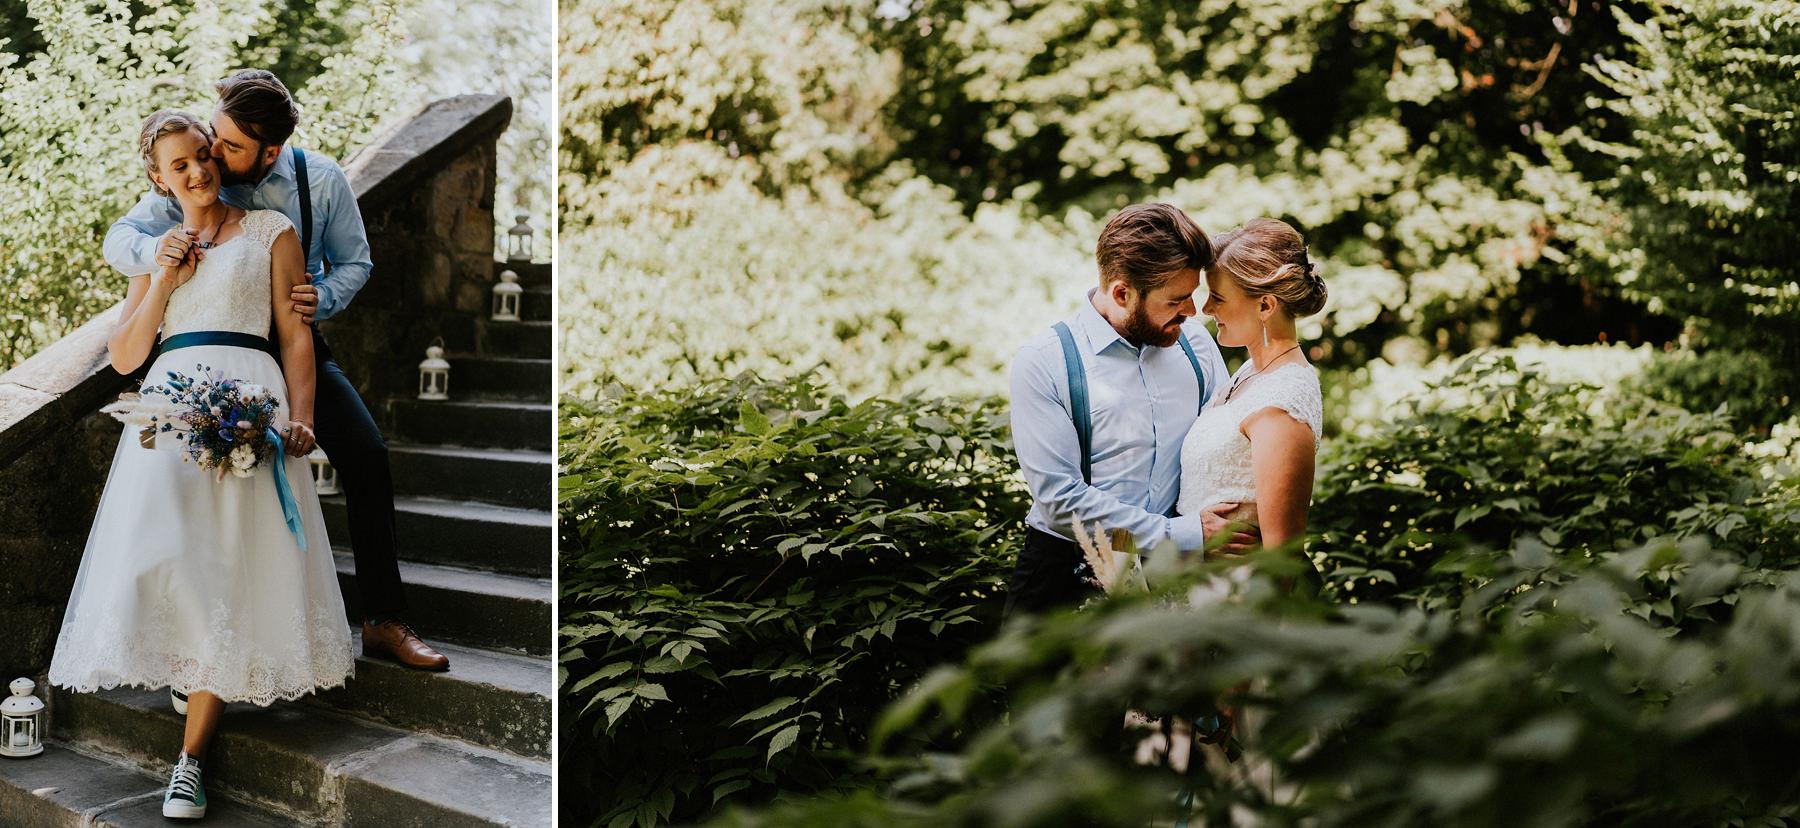 033 palac zelenskich krakow wesele wedding fotograf karol nycz photography